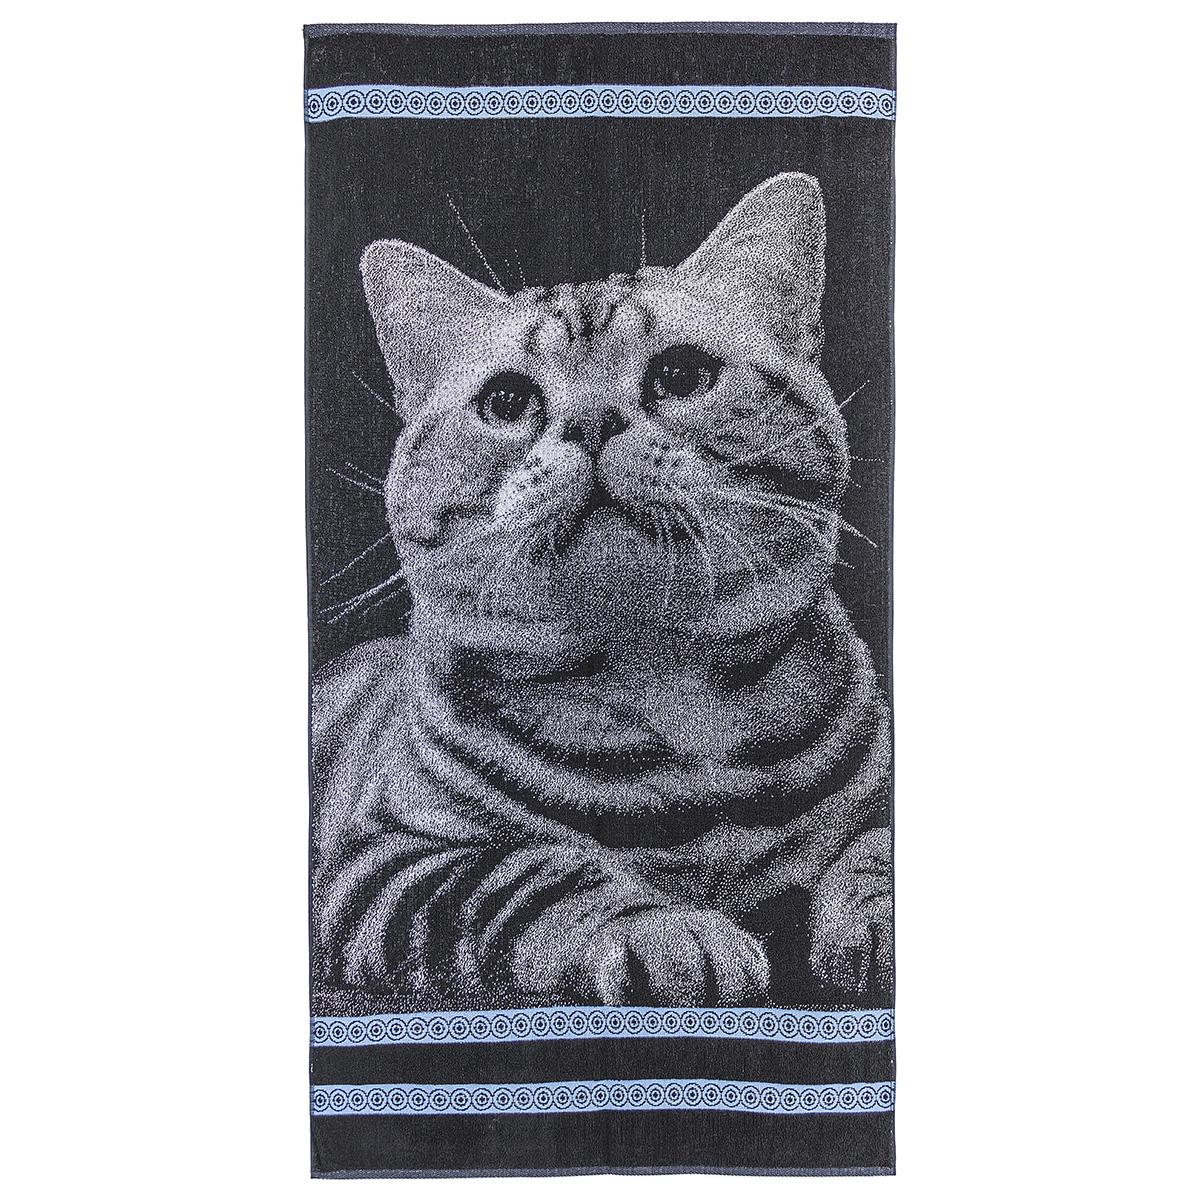 Полотенце Котик, размер 70х140 см.Махровые полотенца<br>Плотность ткани: 420 г/кв. м<br><br>Тип: Полотенце<br>Размер: 70х140<br>Материал: Махра